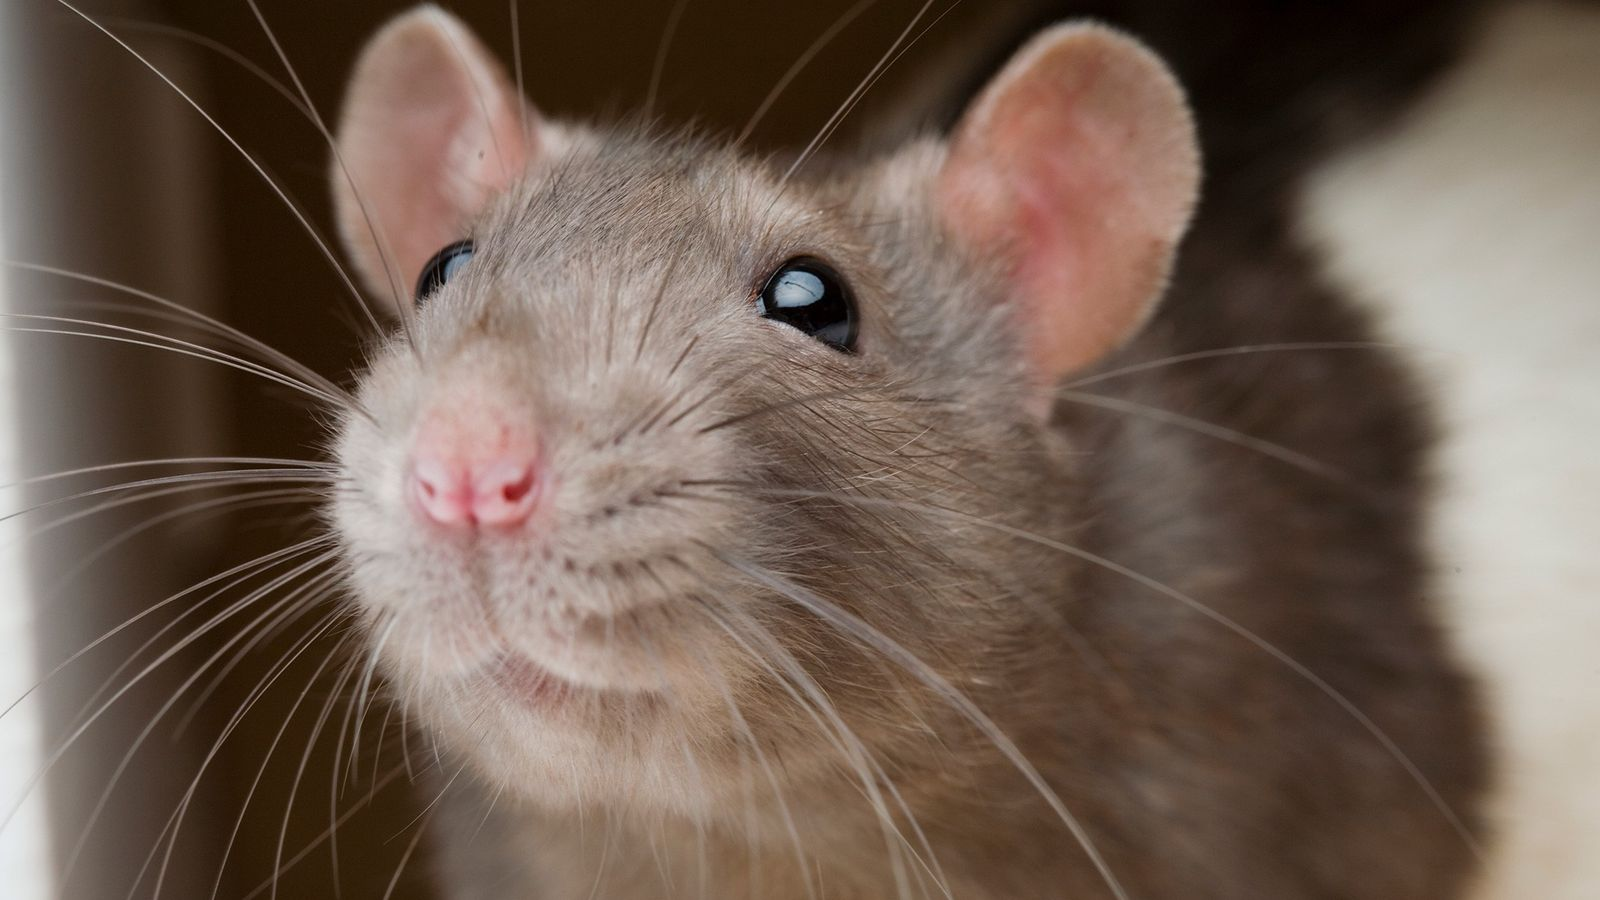 Ratten und Menschen vermeiden es tendenziell, ihren Artgenossen Schaden zuzufügen. Bei beiden wird dieser Impuls im ...